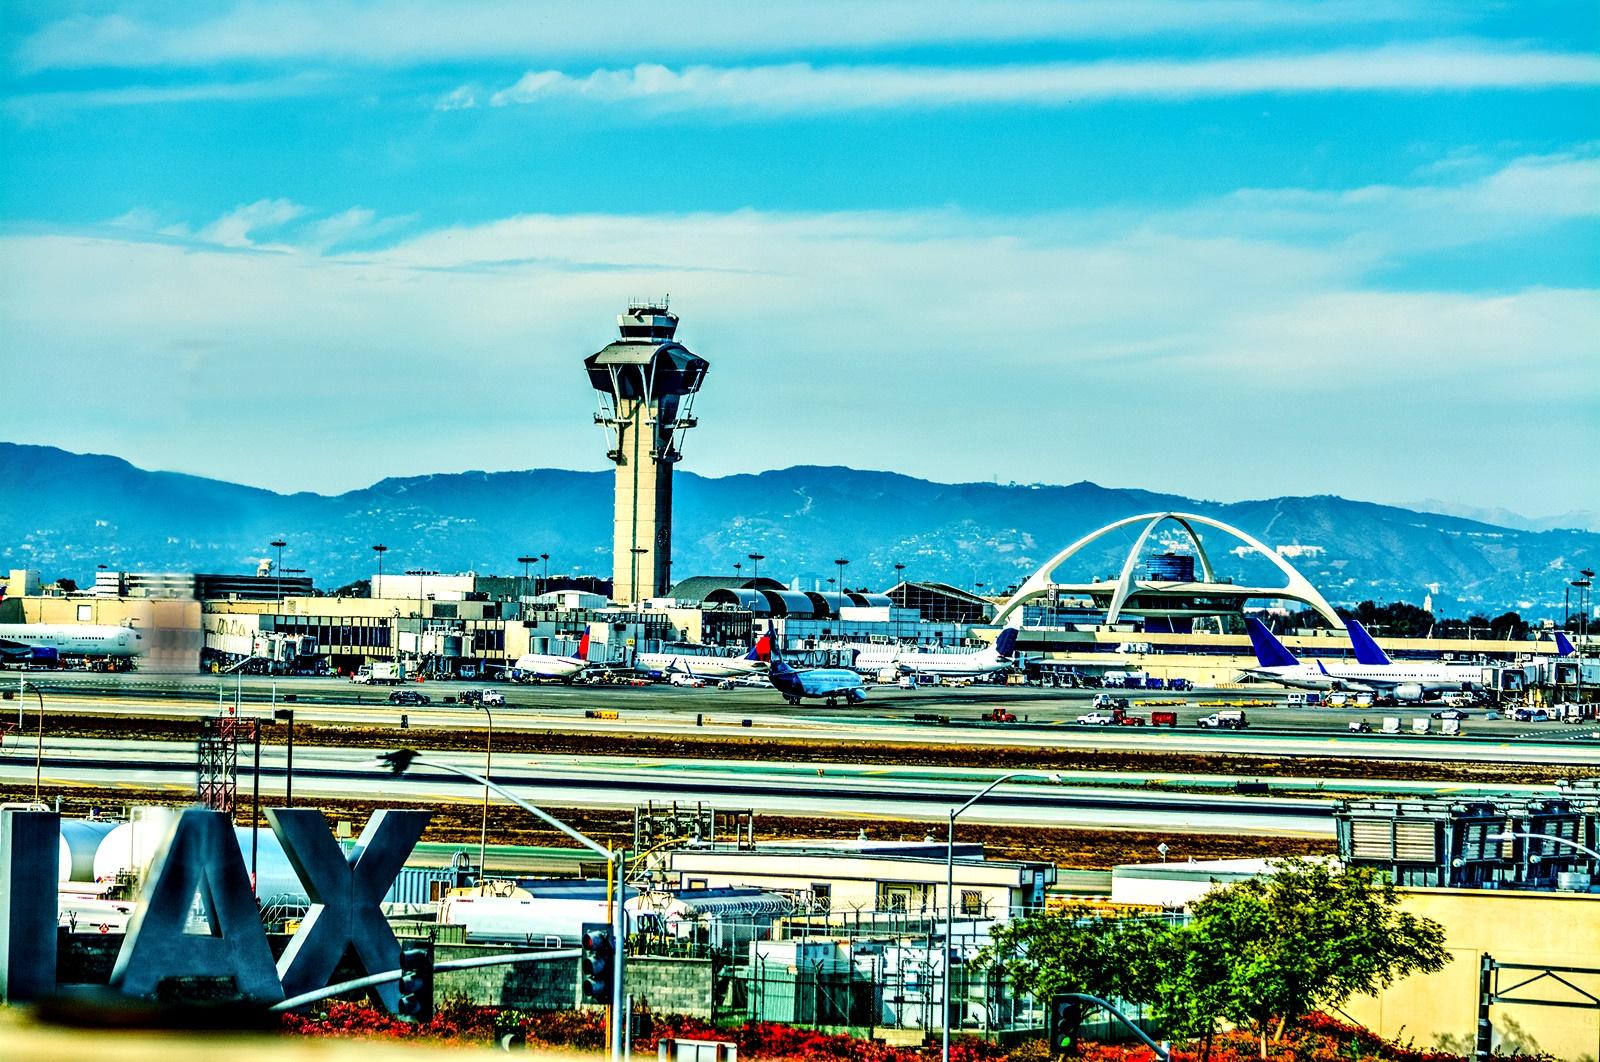 Международно летище Лос Анджелис<br /> Писнало ли ви е да бързате от изход към изход, да мъкнете куфари, чанти за лаптоп и да си гледате нервно часовника? Международно летище в Лос Анджелис предлага Антистрес програма за пътниците, с домашни любимци (Pets Unstressing Passengers program). Кучета за терапия и хора, които го водят, обикалят из летището и предлагат на пътниците както малки пухкави приятелчета за игра, докато чакат, така и информация за полетите им.